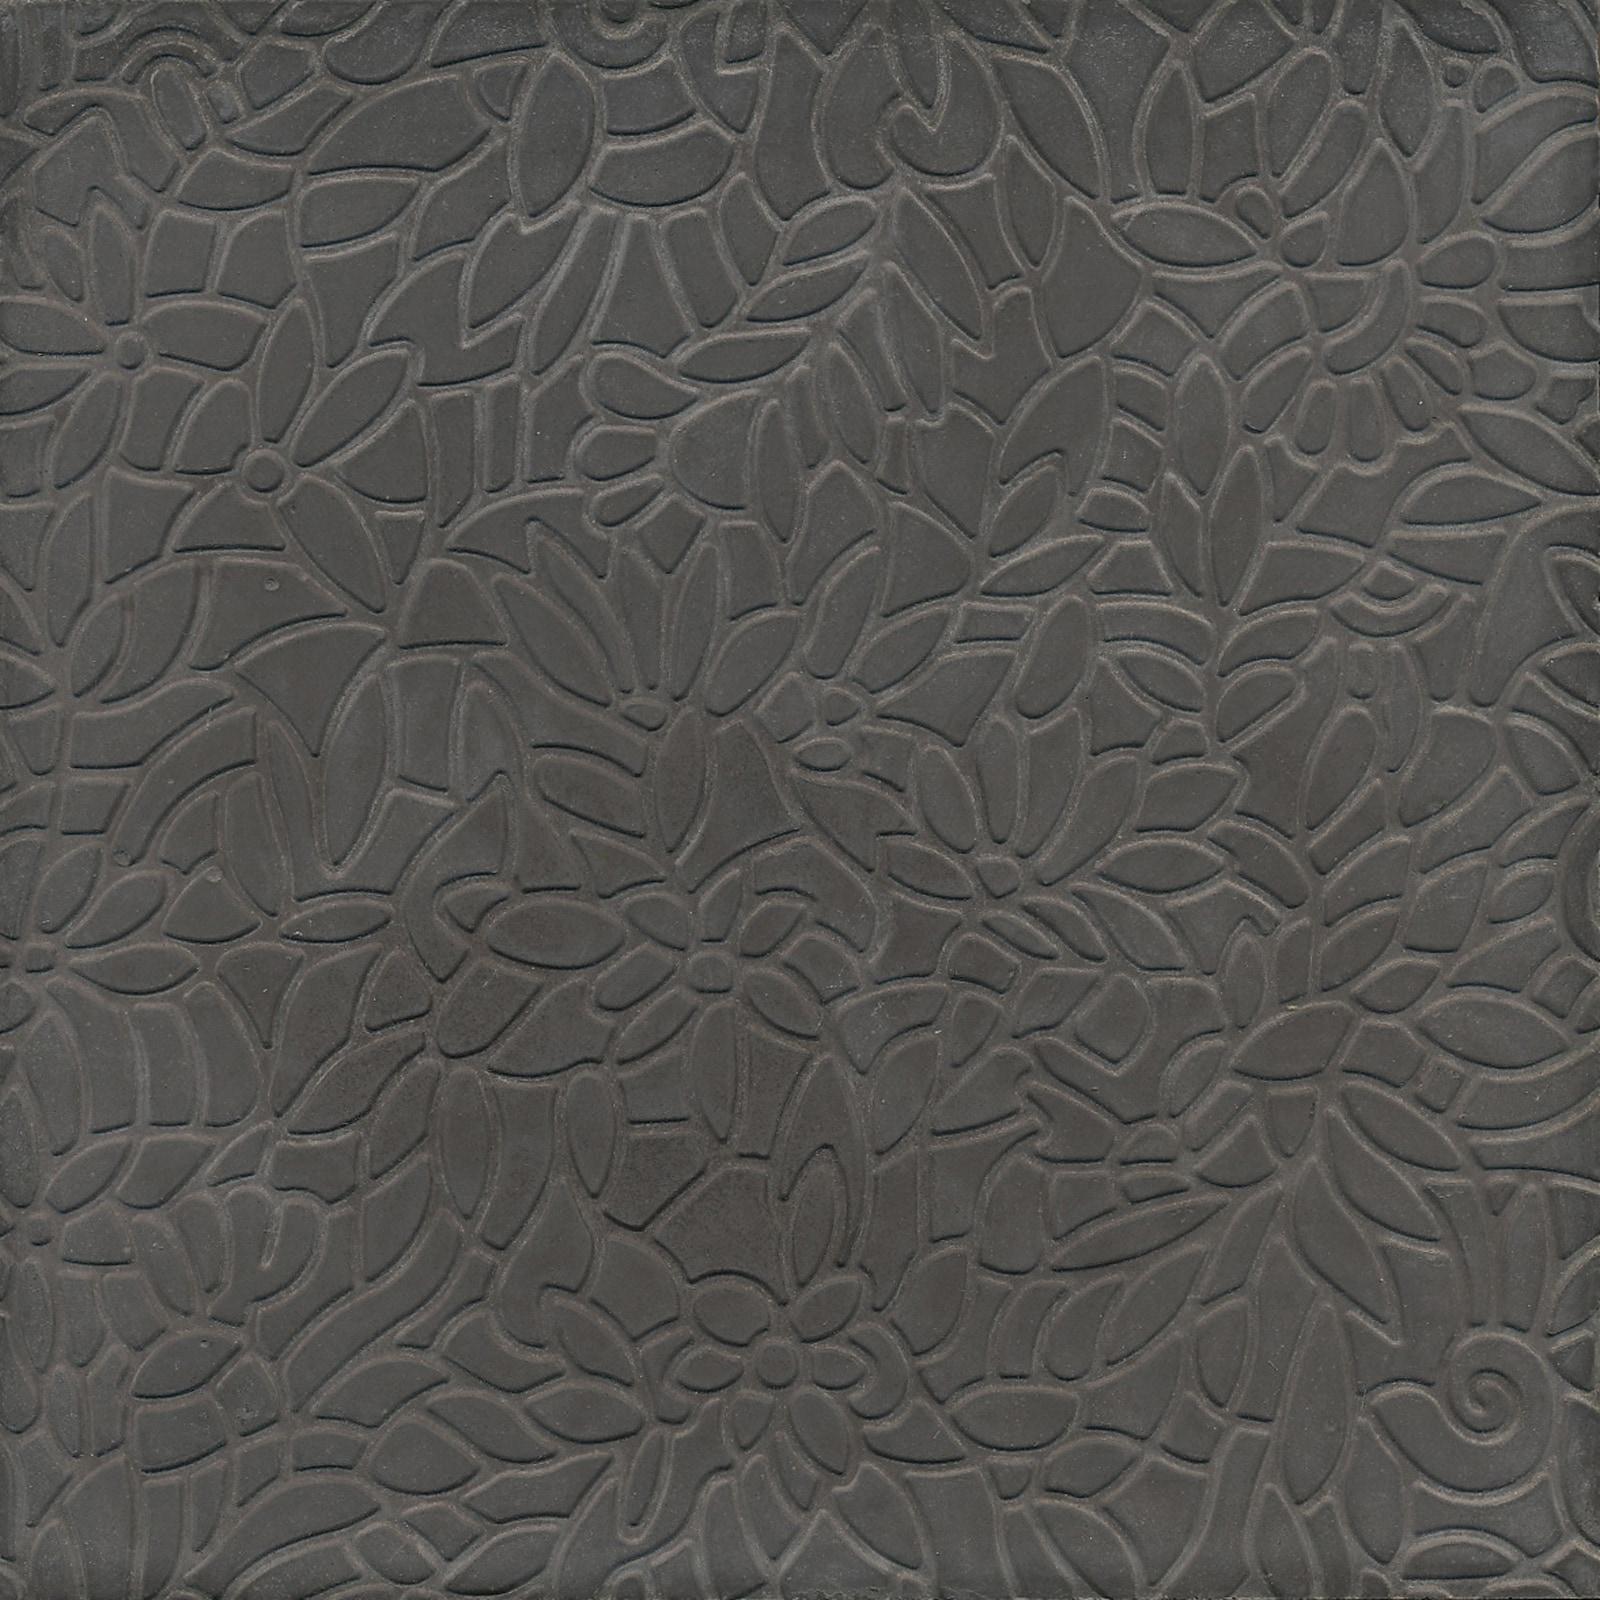 VIA_zementmosaikplatten-nummer-40860 | 40860